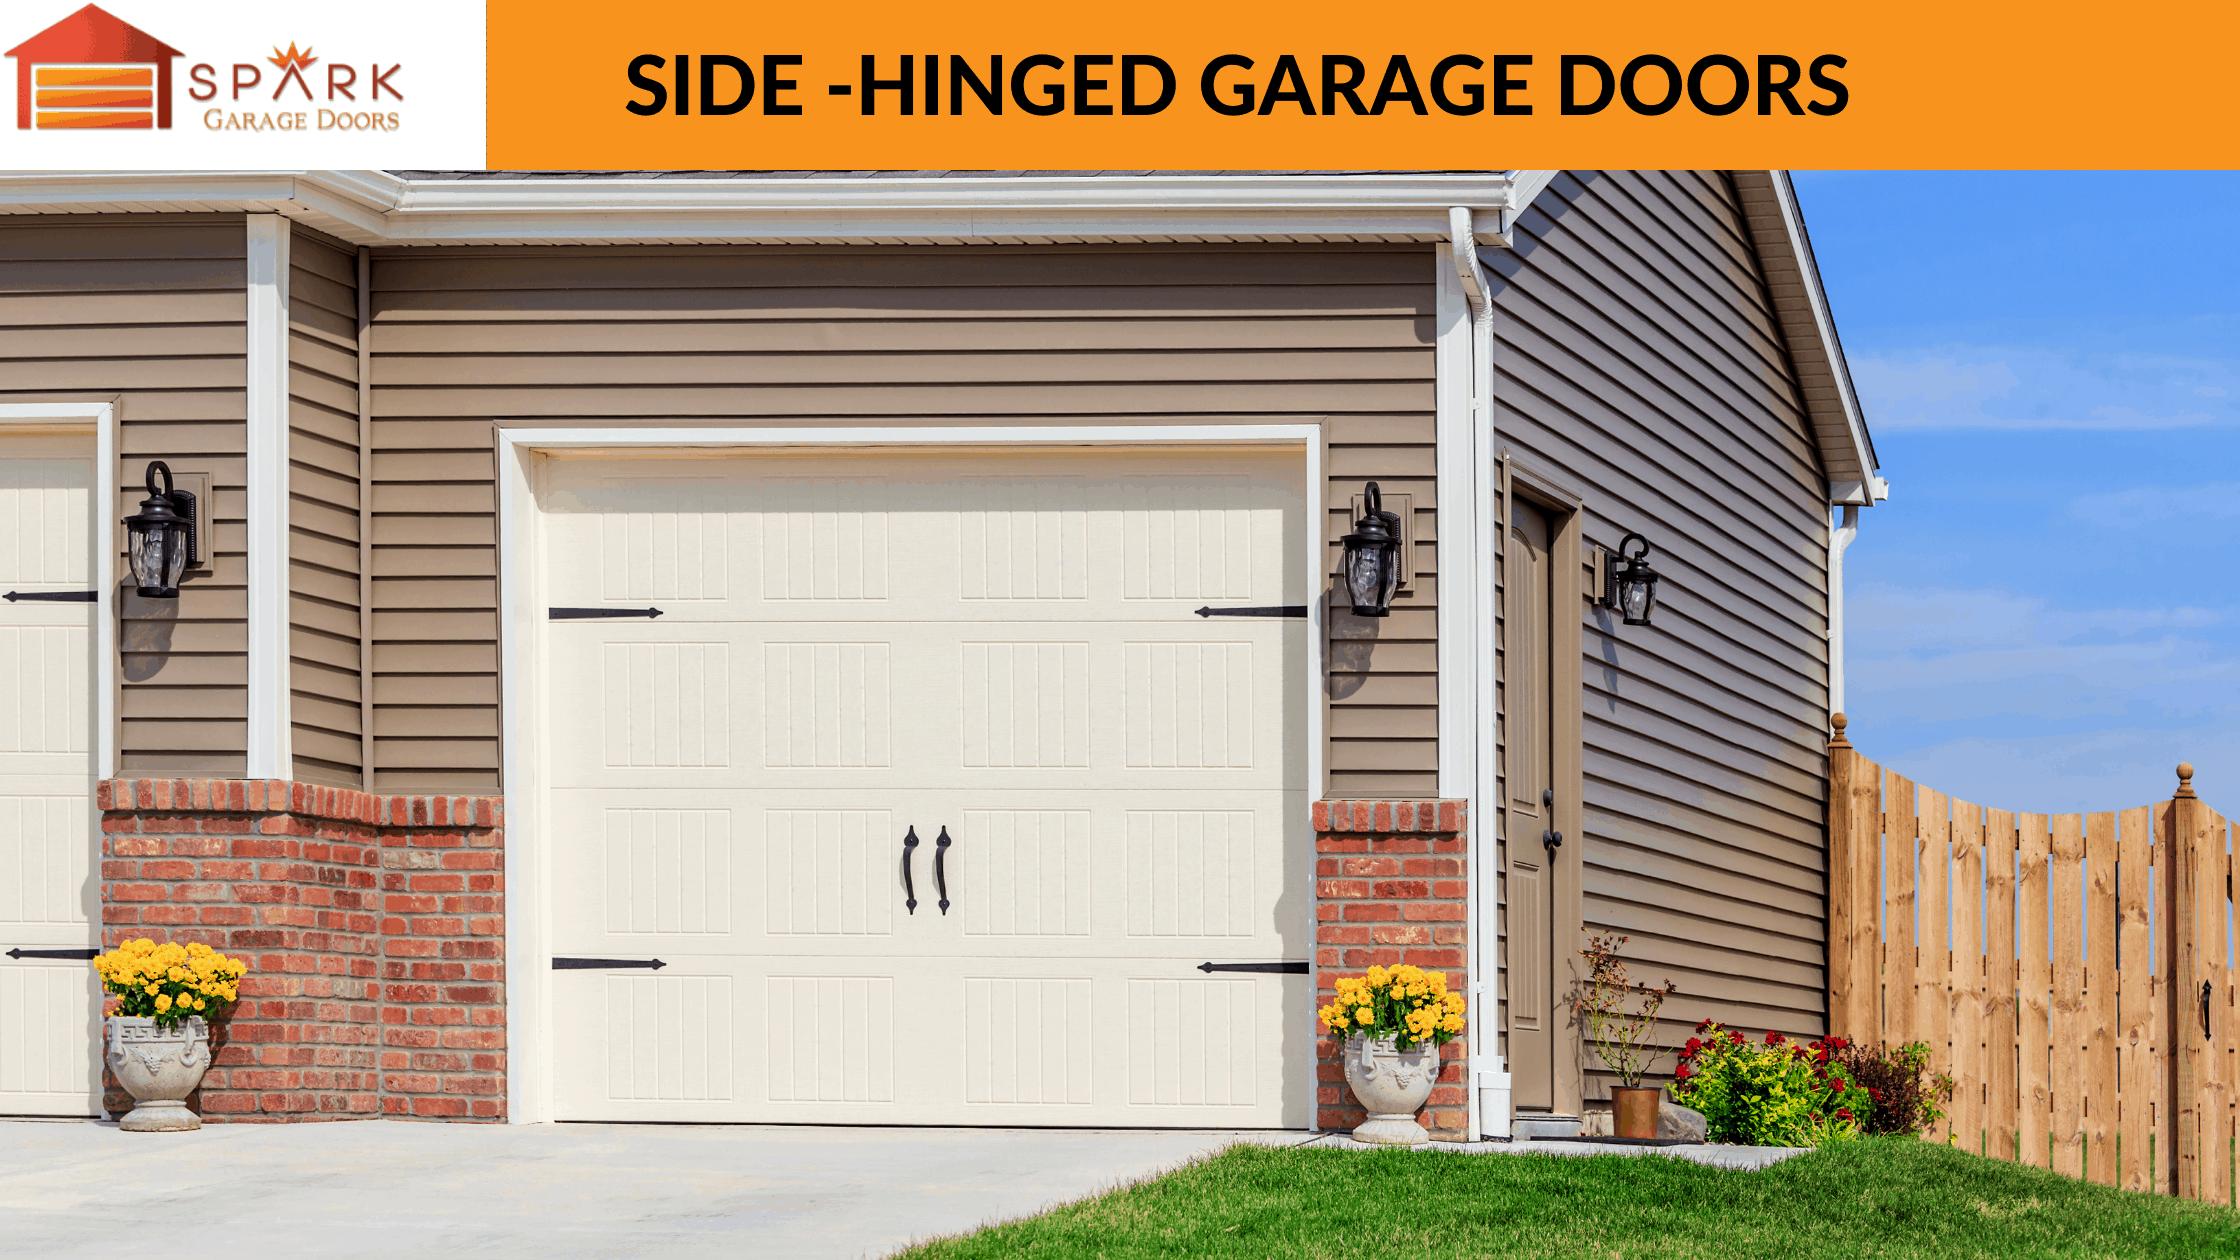 Spark Garage Doors - Side-Hinged Garage Doors